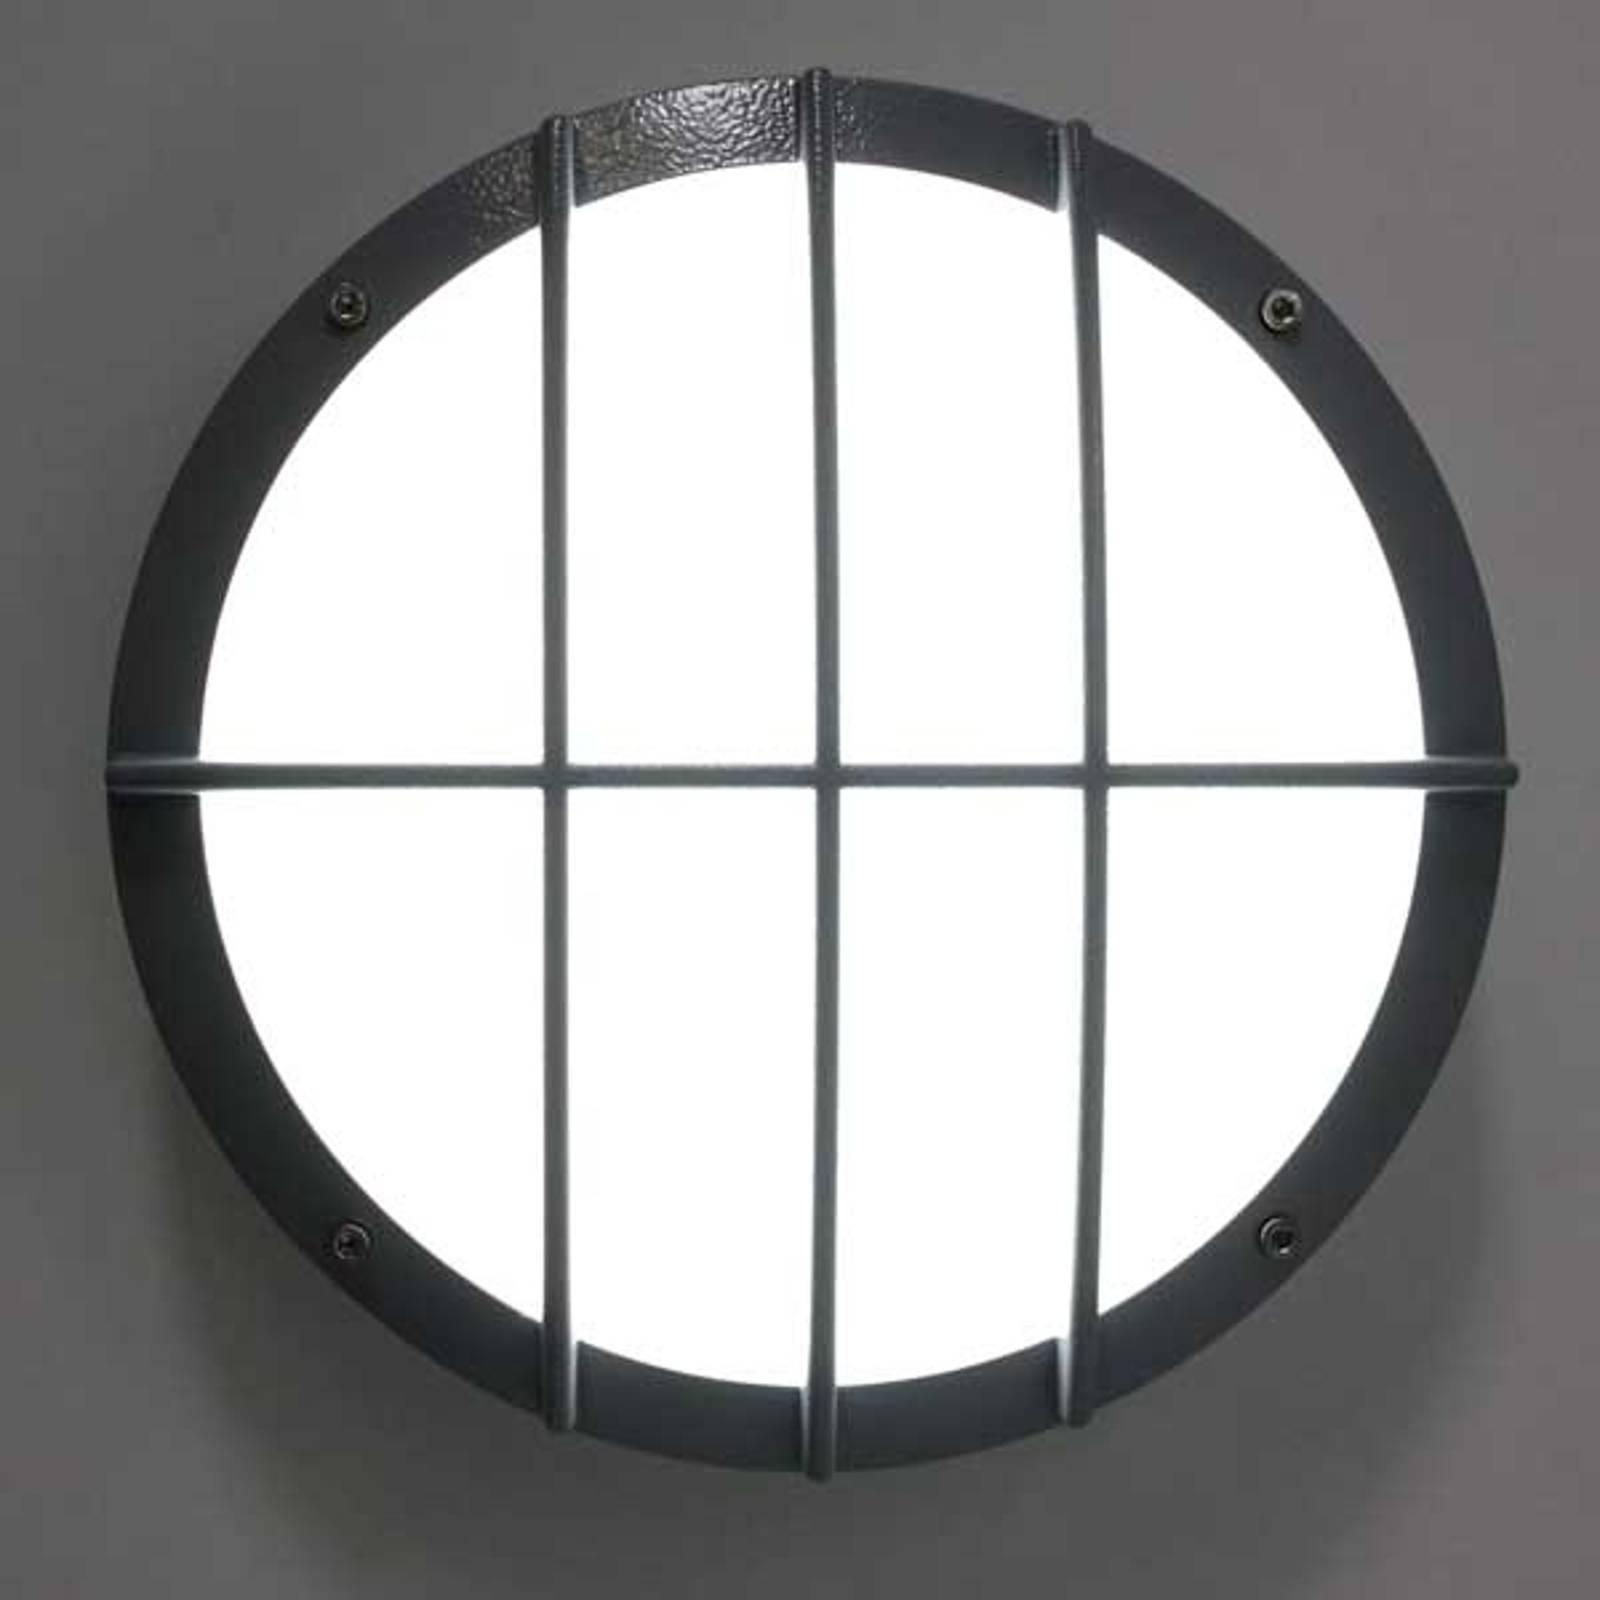 Applique LED SUN 8, alu moulé, 13 W 3 k